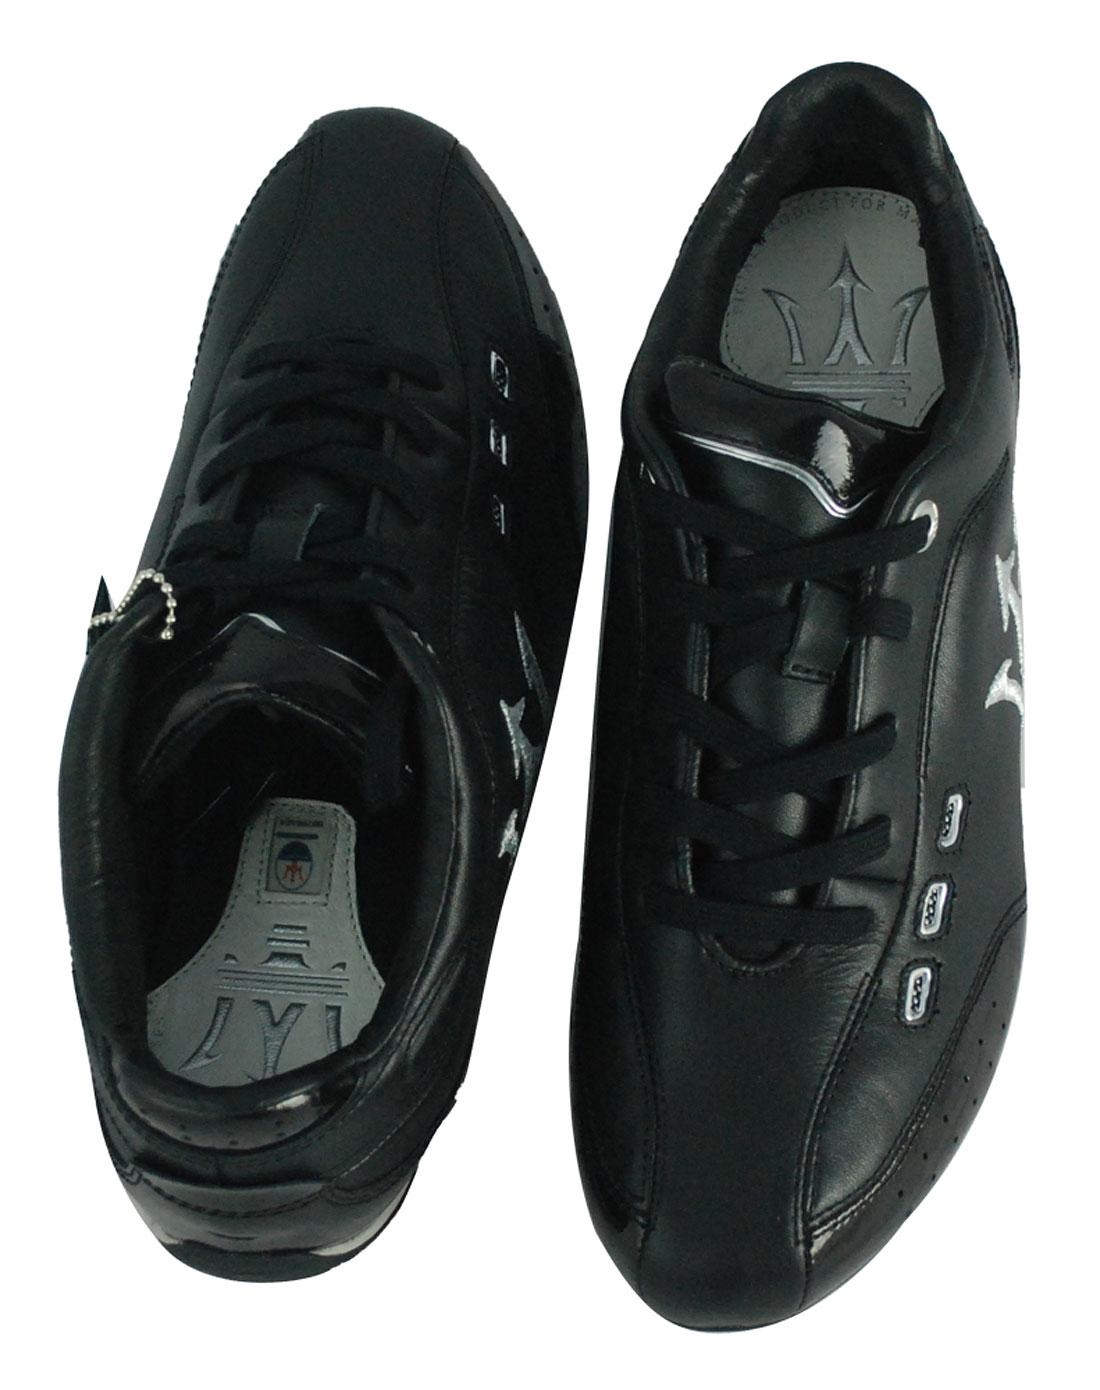 黑色休闲鞋art325